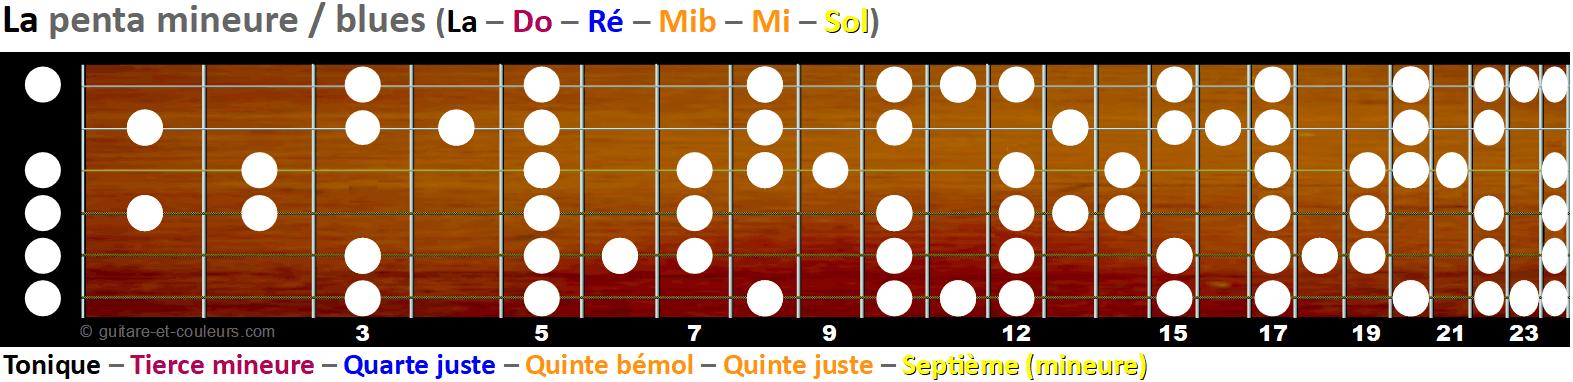 La gamme pentatonique mineure et blues sur le manche - Tonalité A